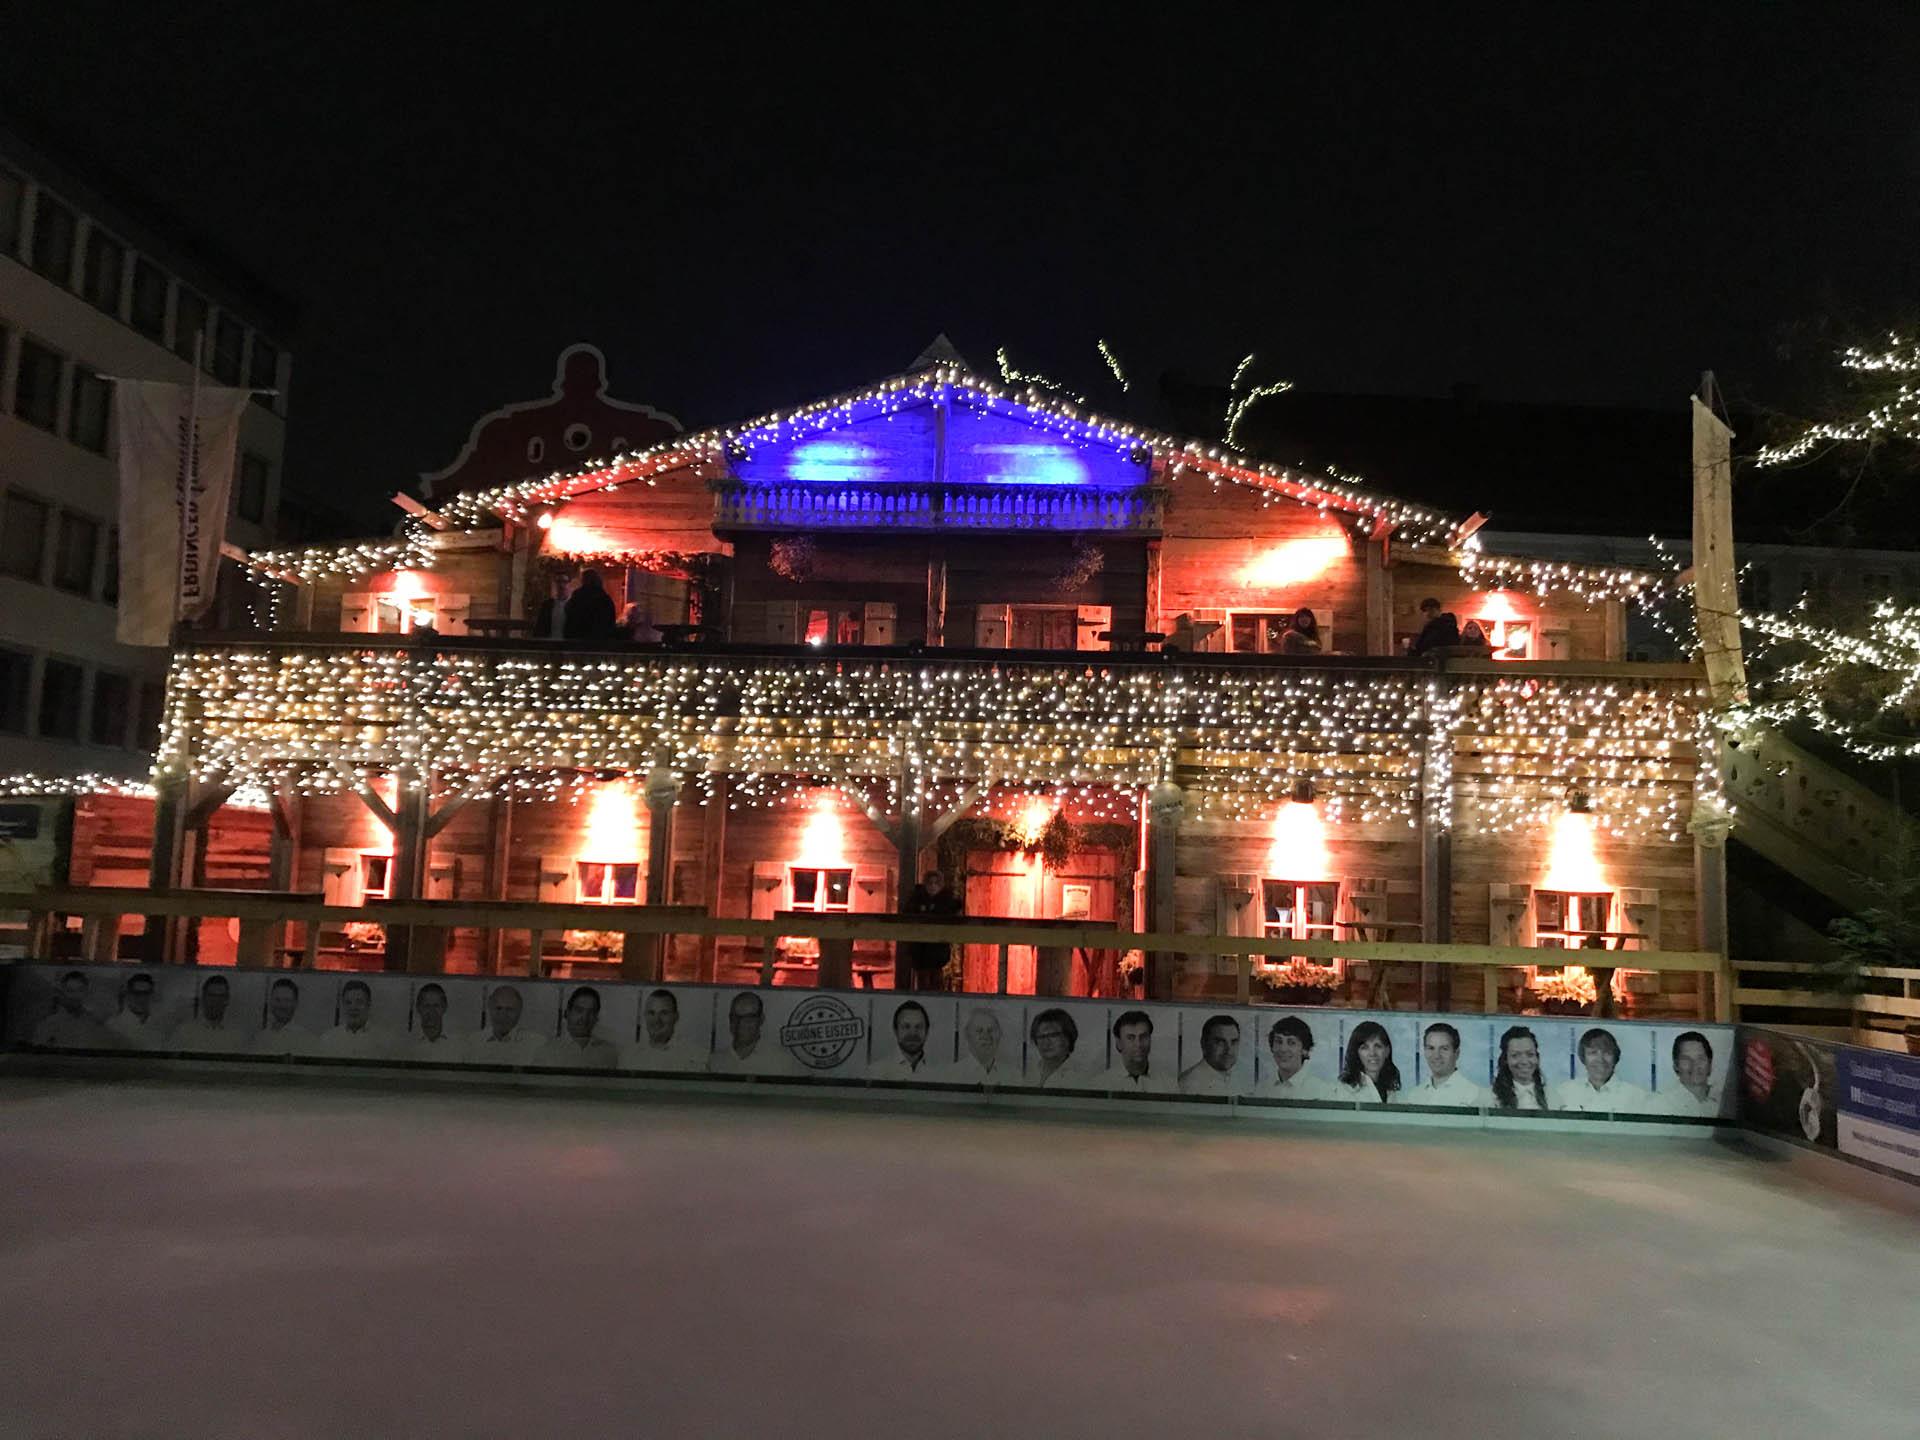 Hütte von außen mit Eislaufbahn